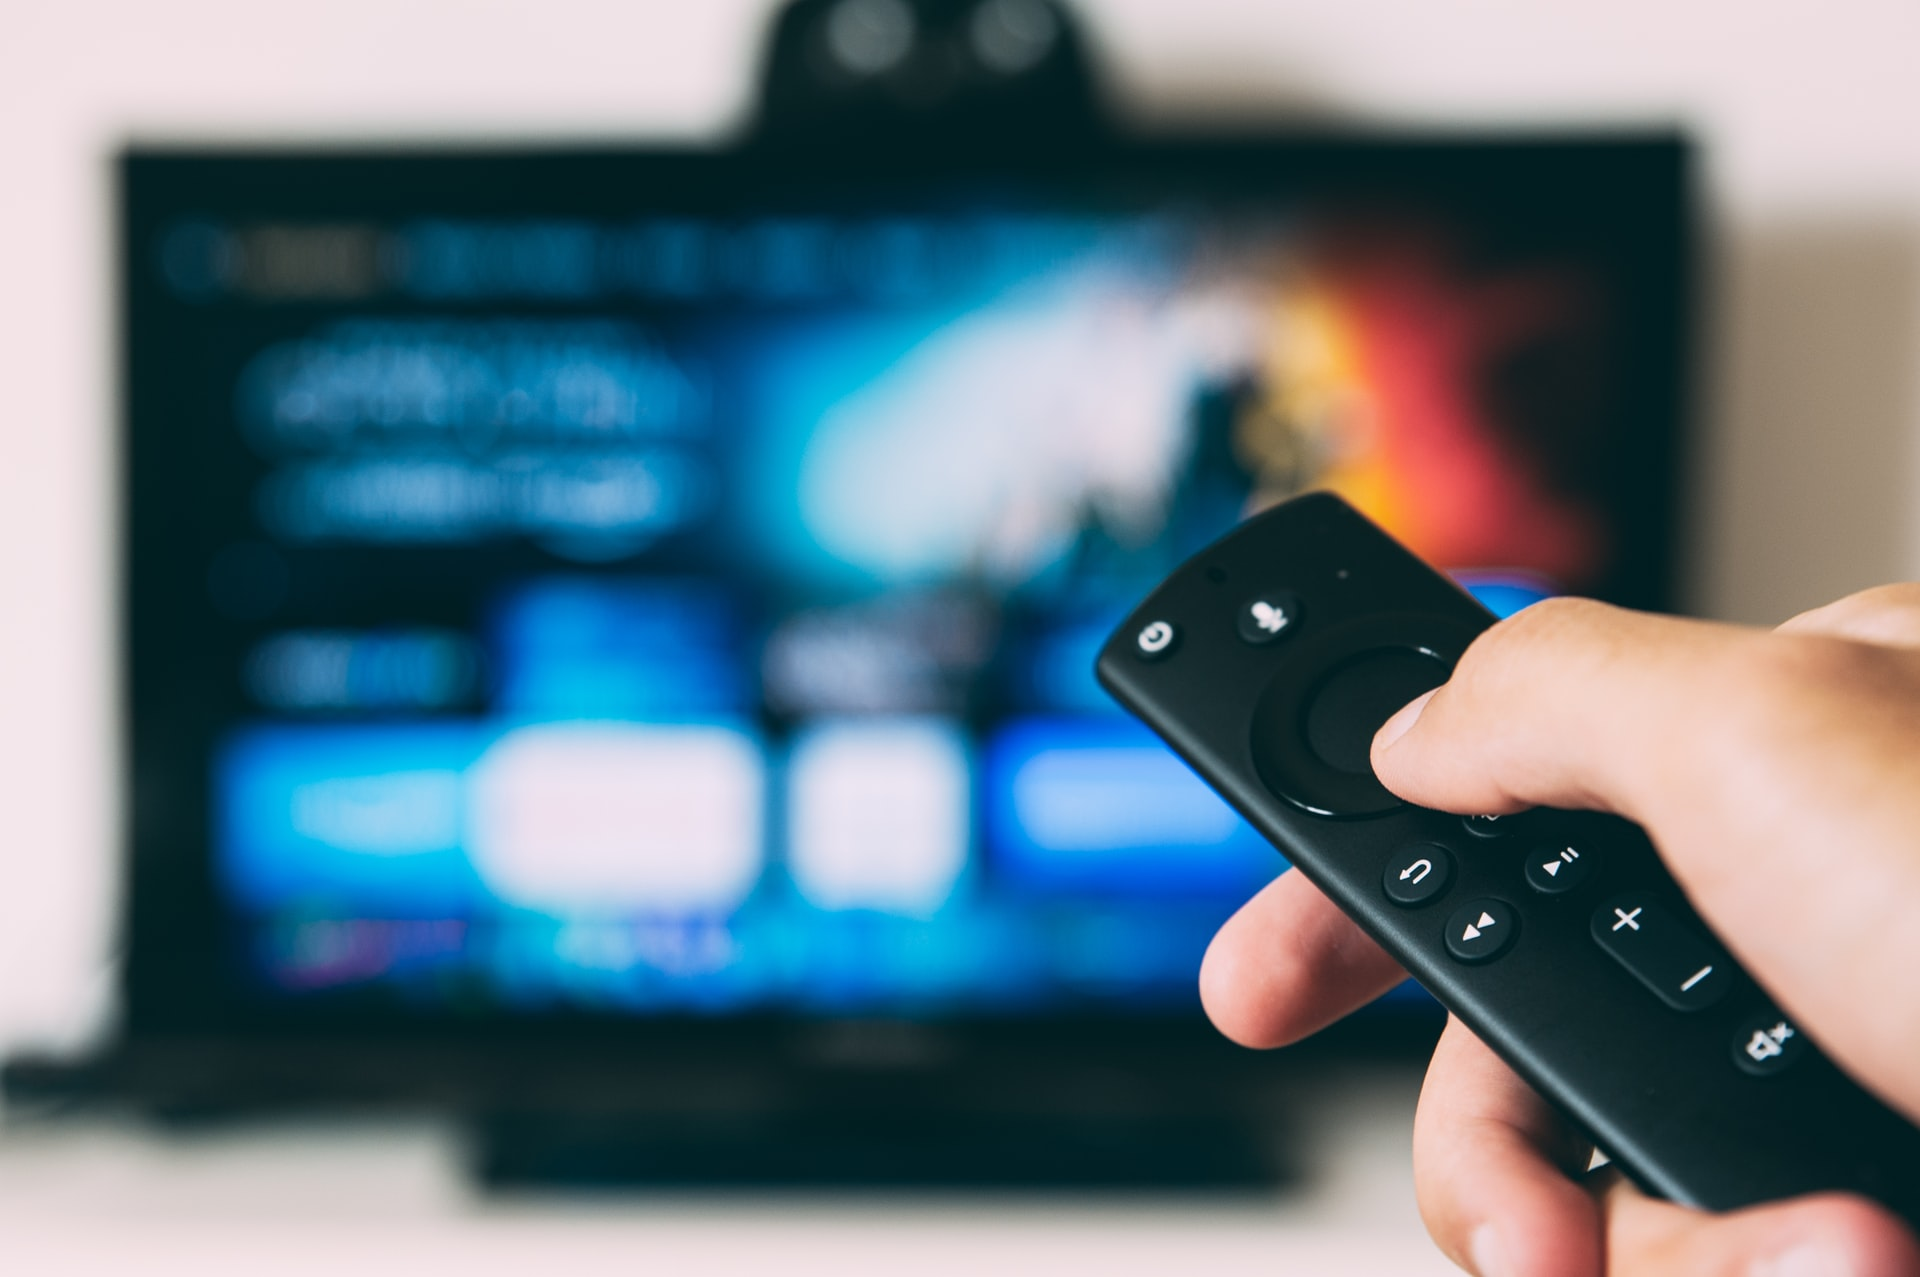 Посмотреть хороший фильм дома — отличный вариант времяпровождения для выходного дня